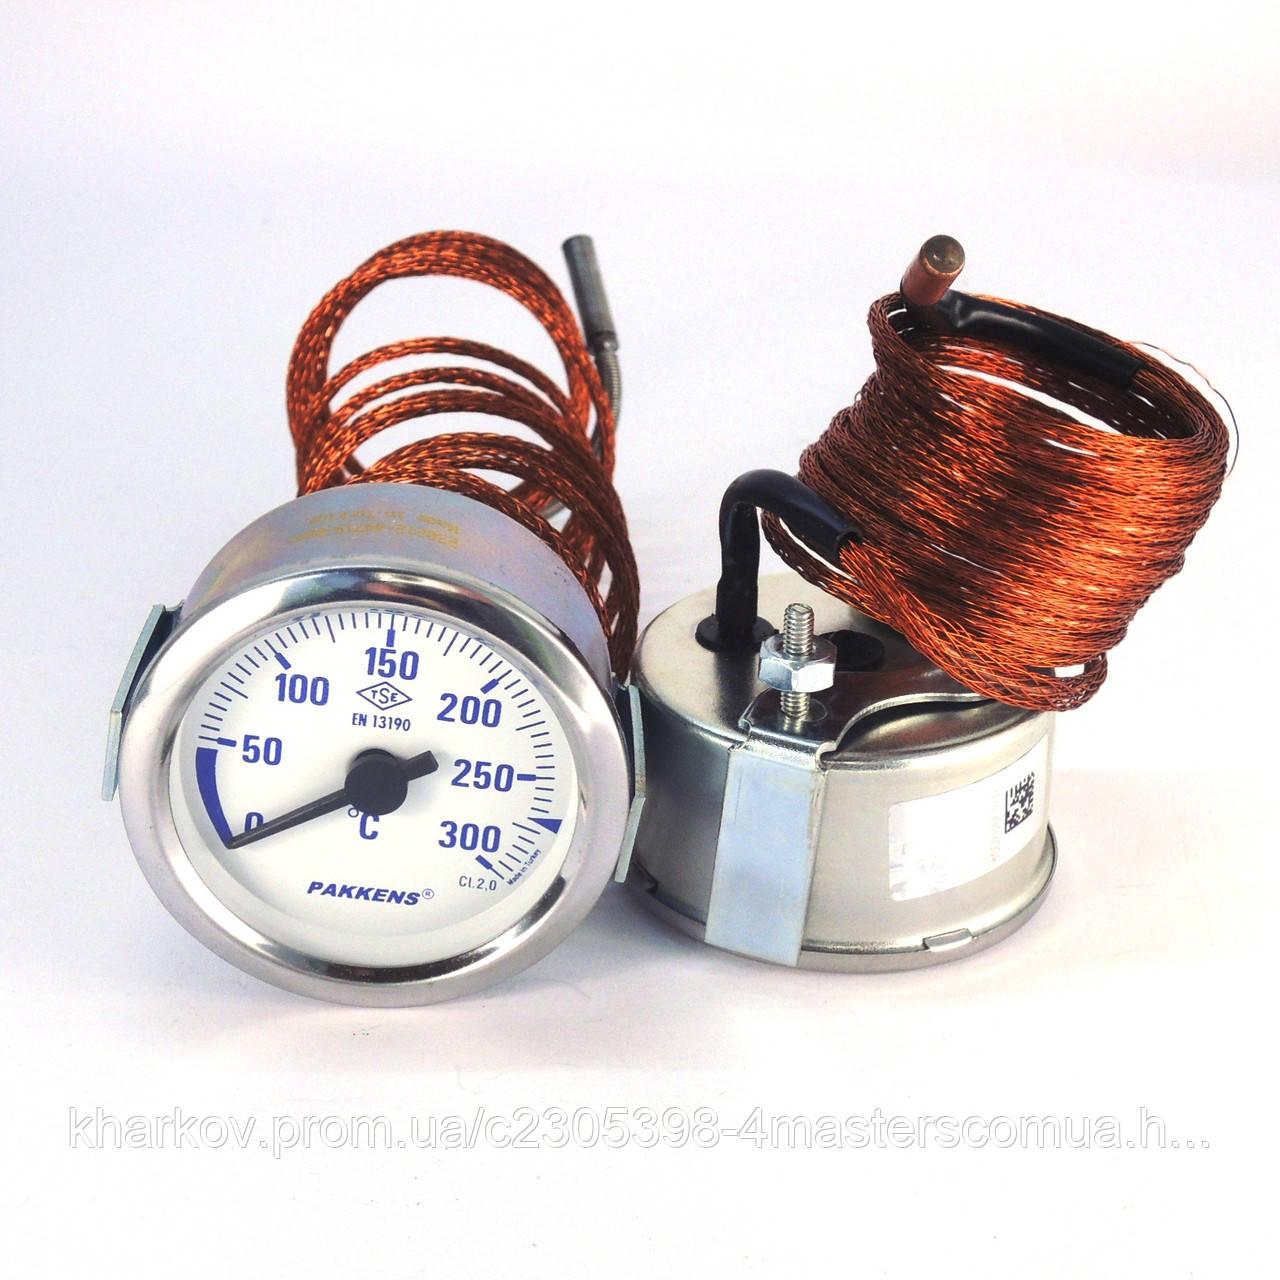 Термометр 0 300°С с выносным датчиком 2 м Ø60, Pakkens Турция